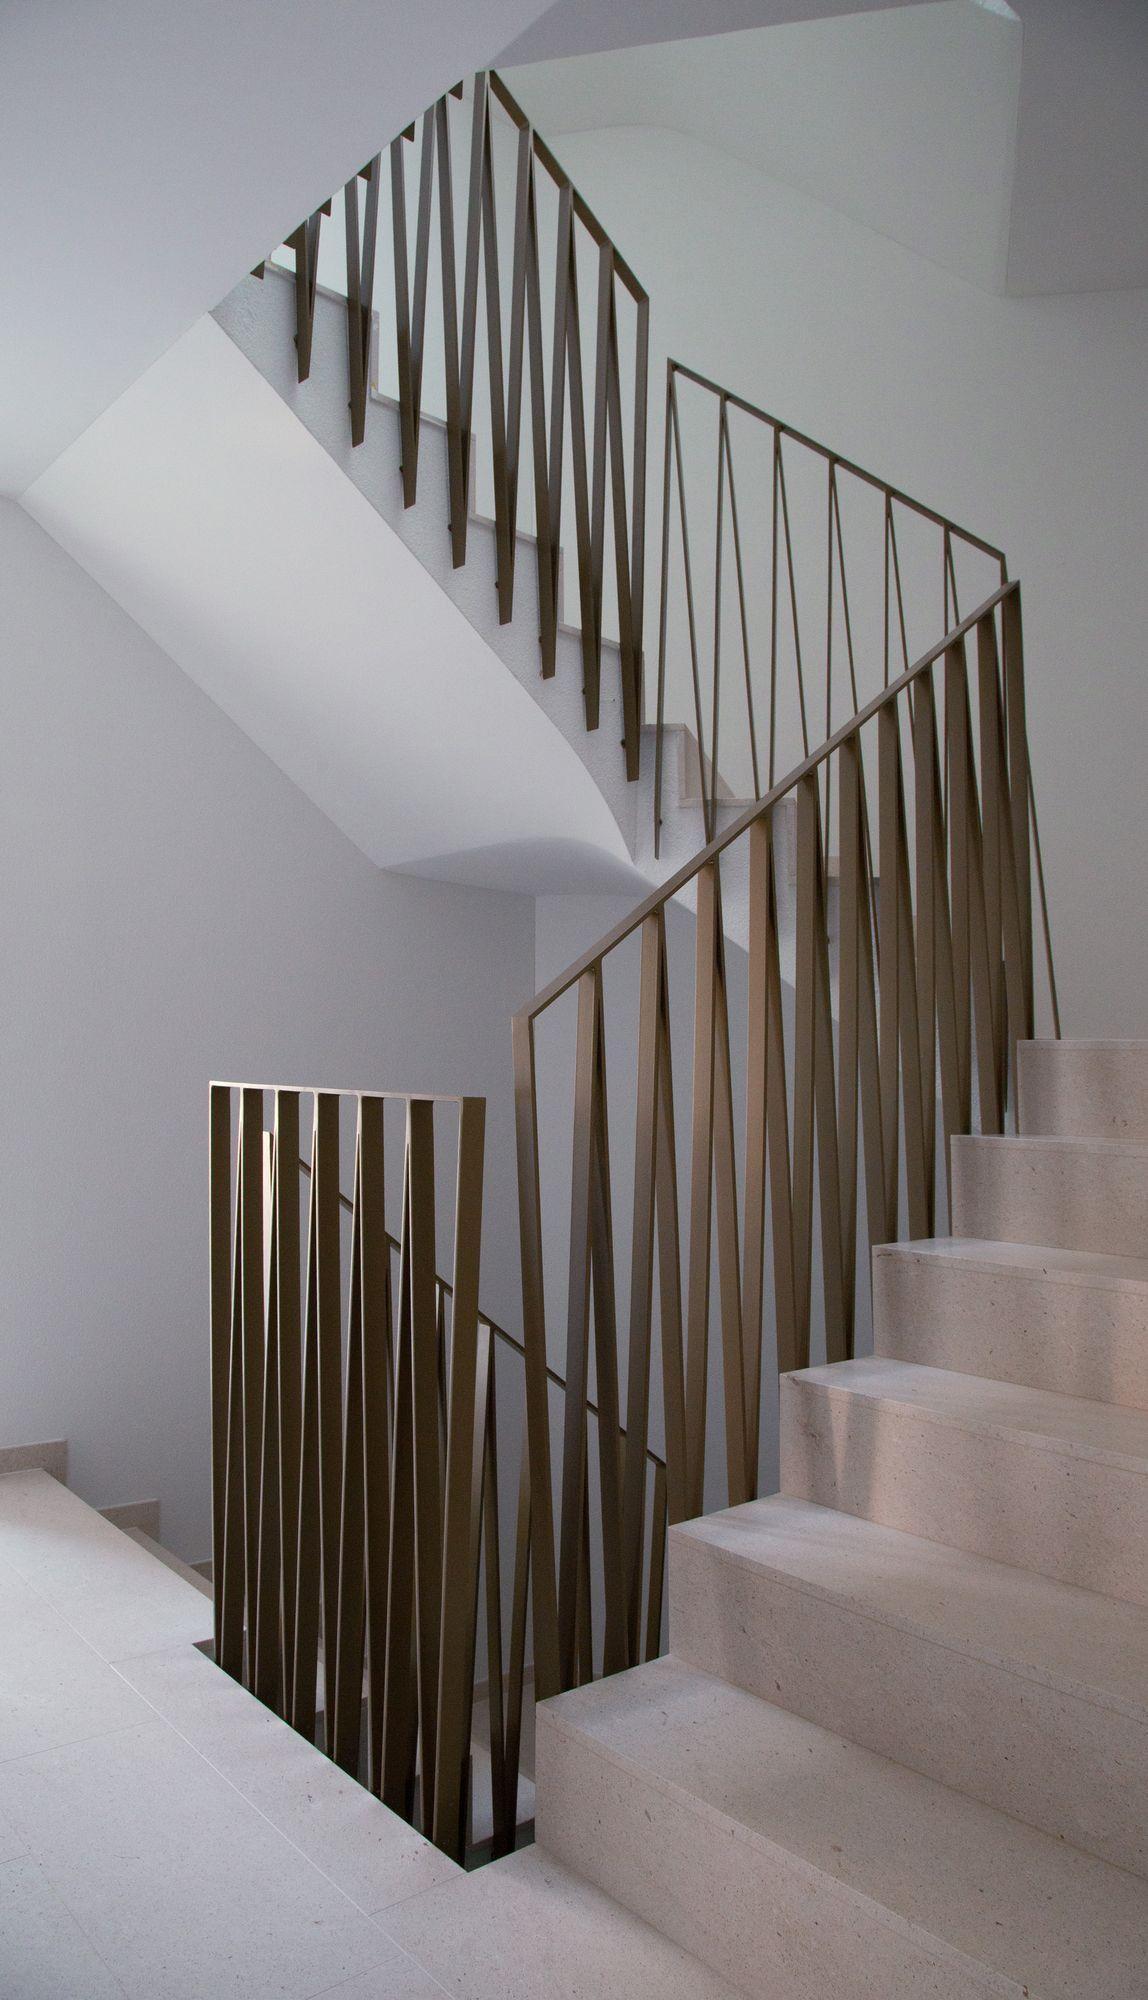 barandillas escaleras altillo barandales compras arquitectos casas de familia moderna barandilla de escalera barandilla de la escalera de metal